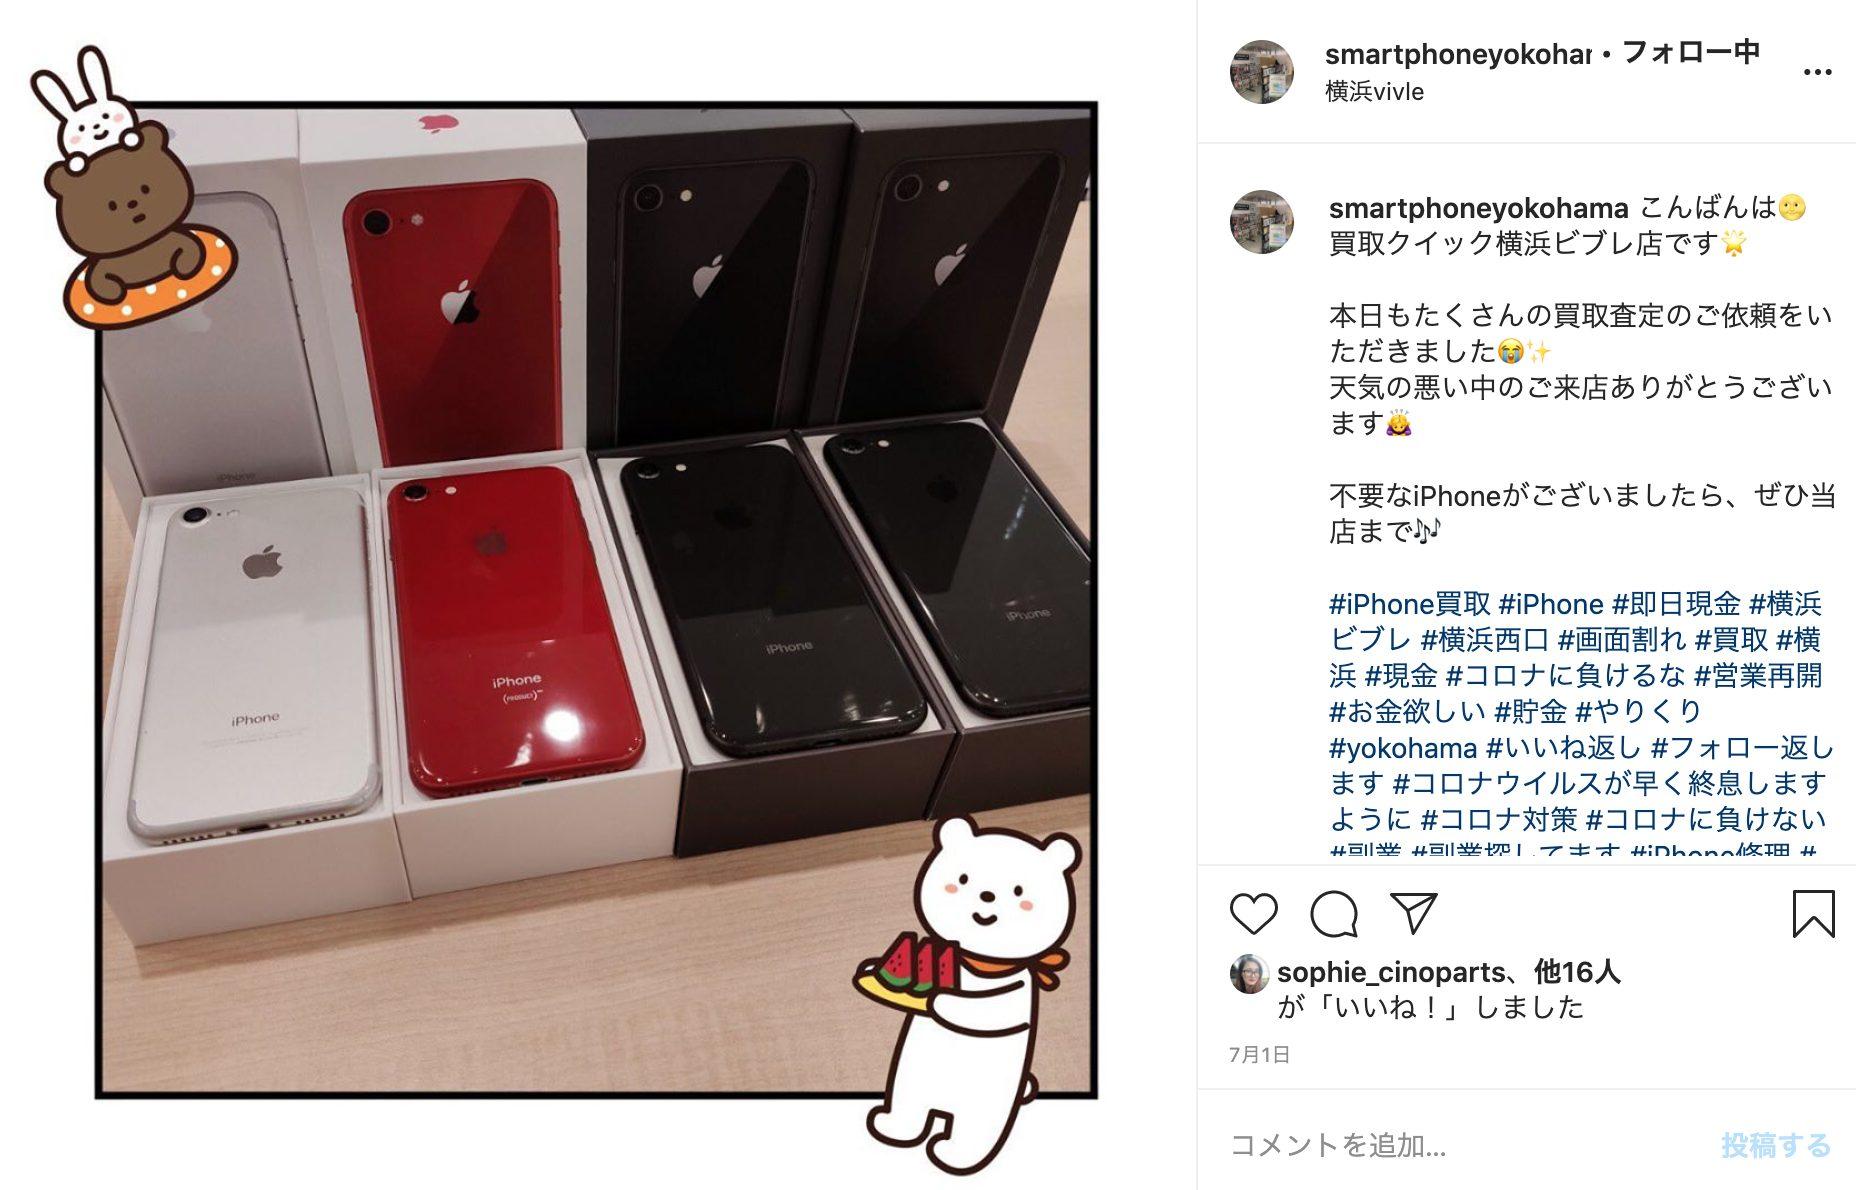 https://www.instagram.com/smartphoneyokohama/